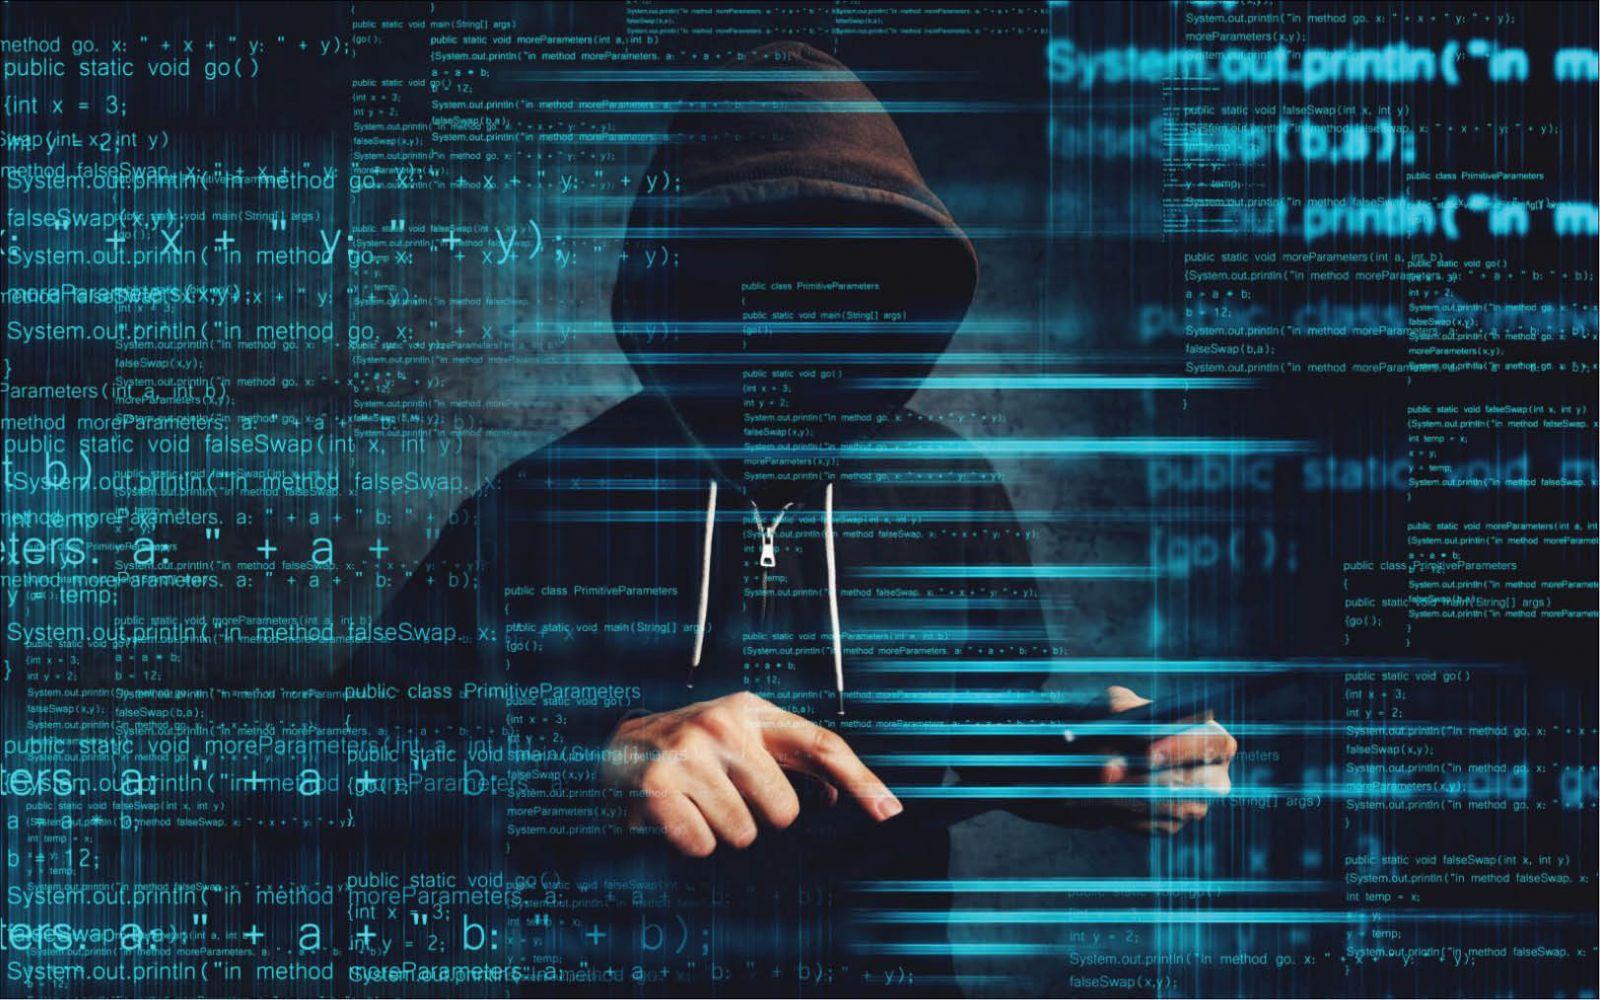 các chuyên gia dự đoán năm 2021 các cuộc tấn công lừa đảo trực tuyến vẫn rất phức tạp